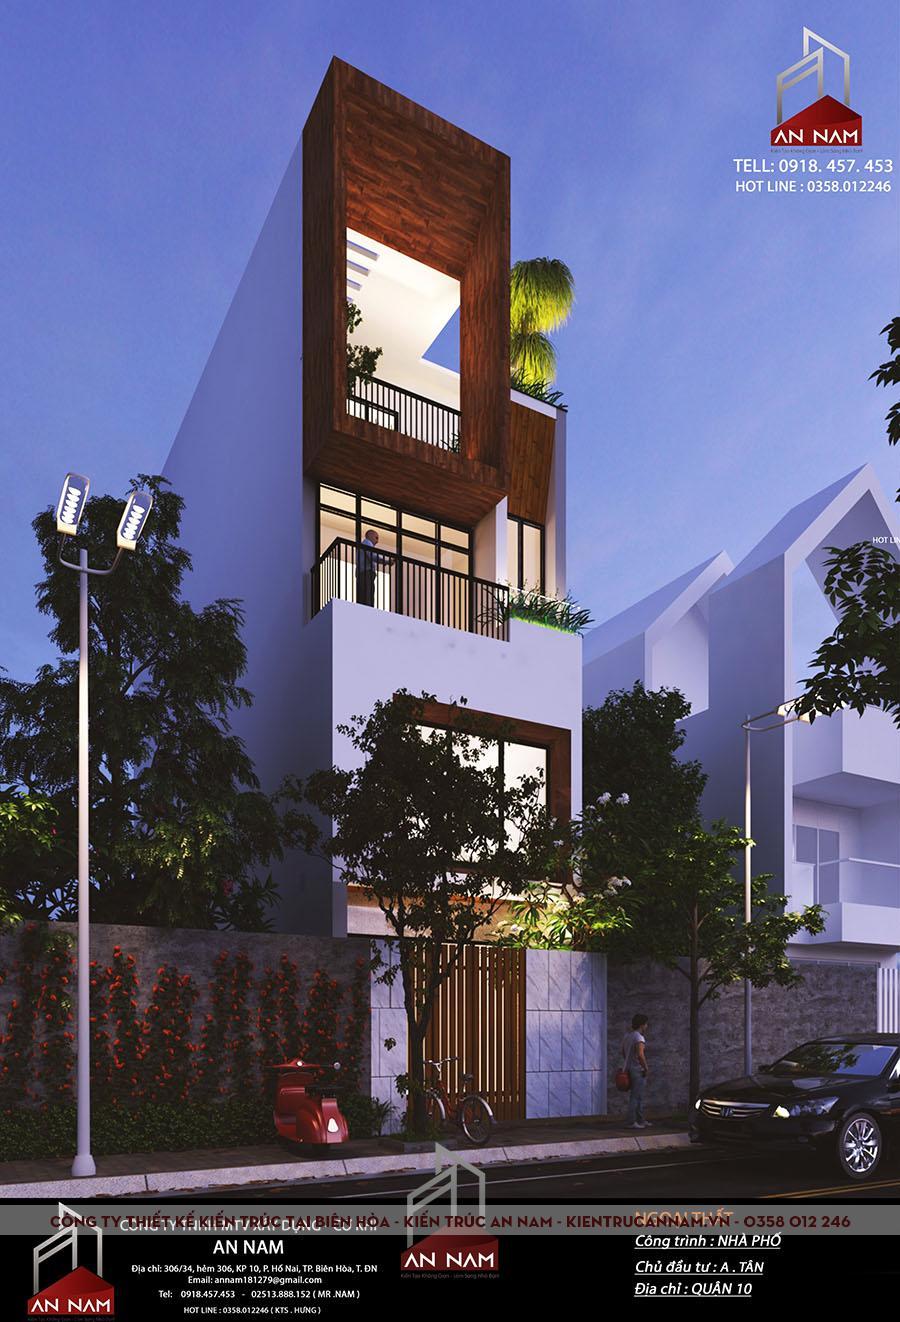 kiến trúc nhà phố 4 tầng tại Hồ Chí Minh sang trọng